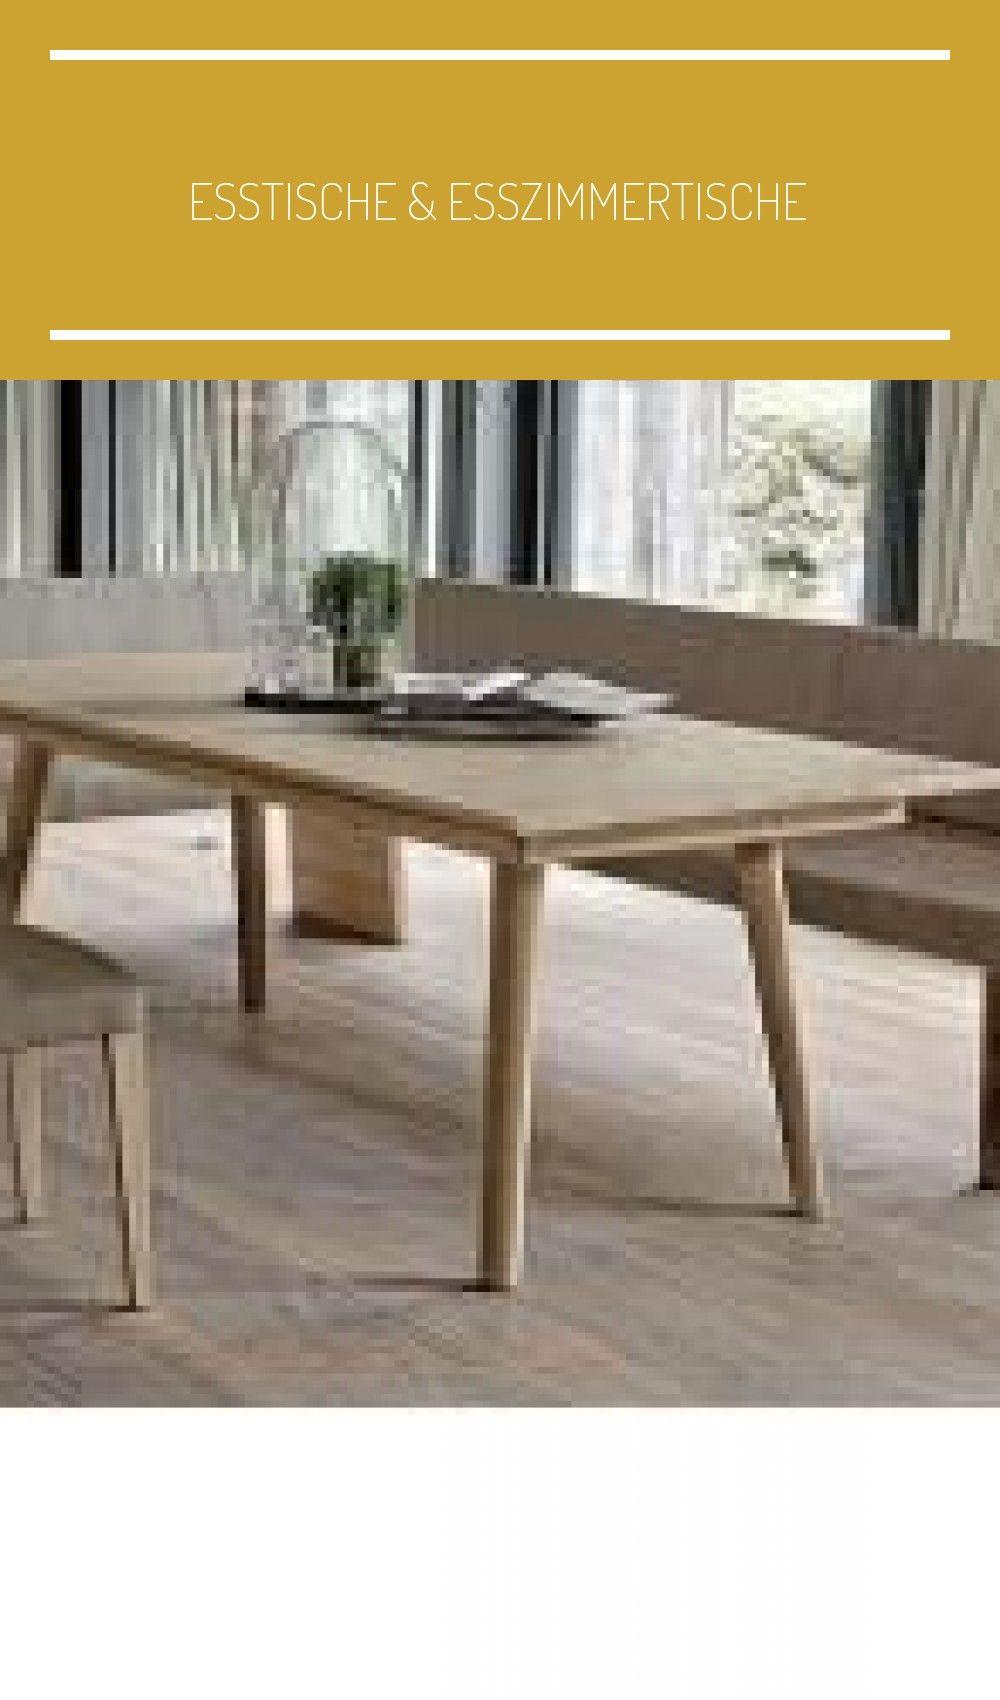 Esstische Esszimmertische In 2020 Home Dining Bench Furniture